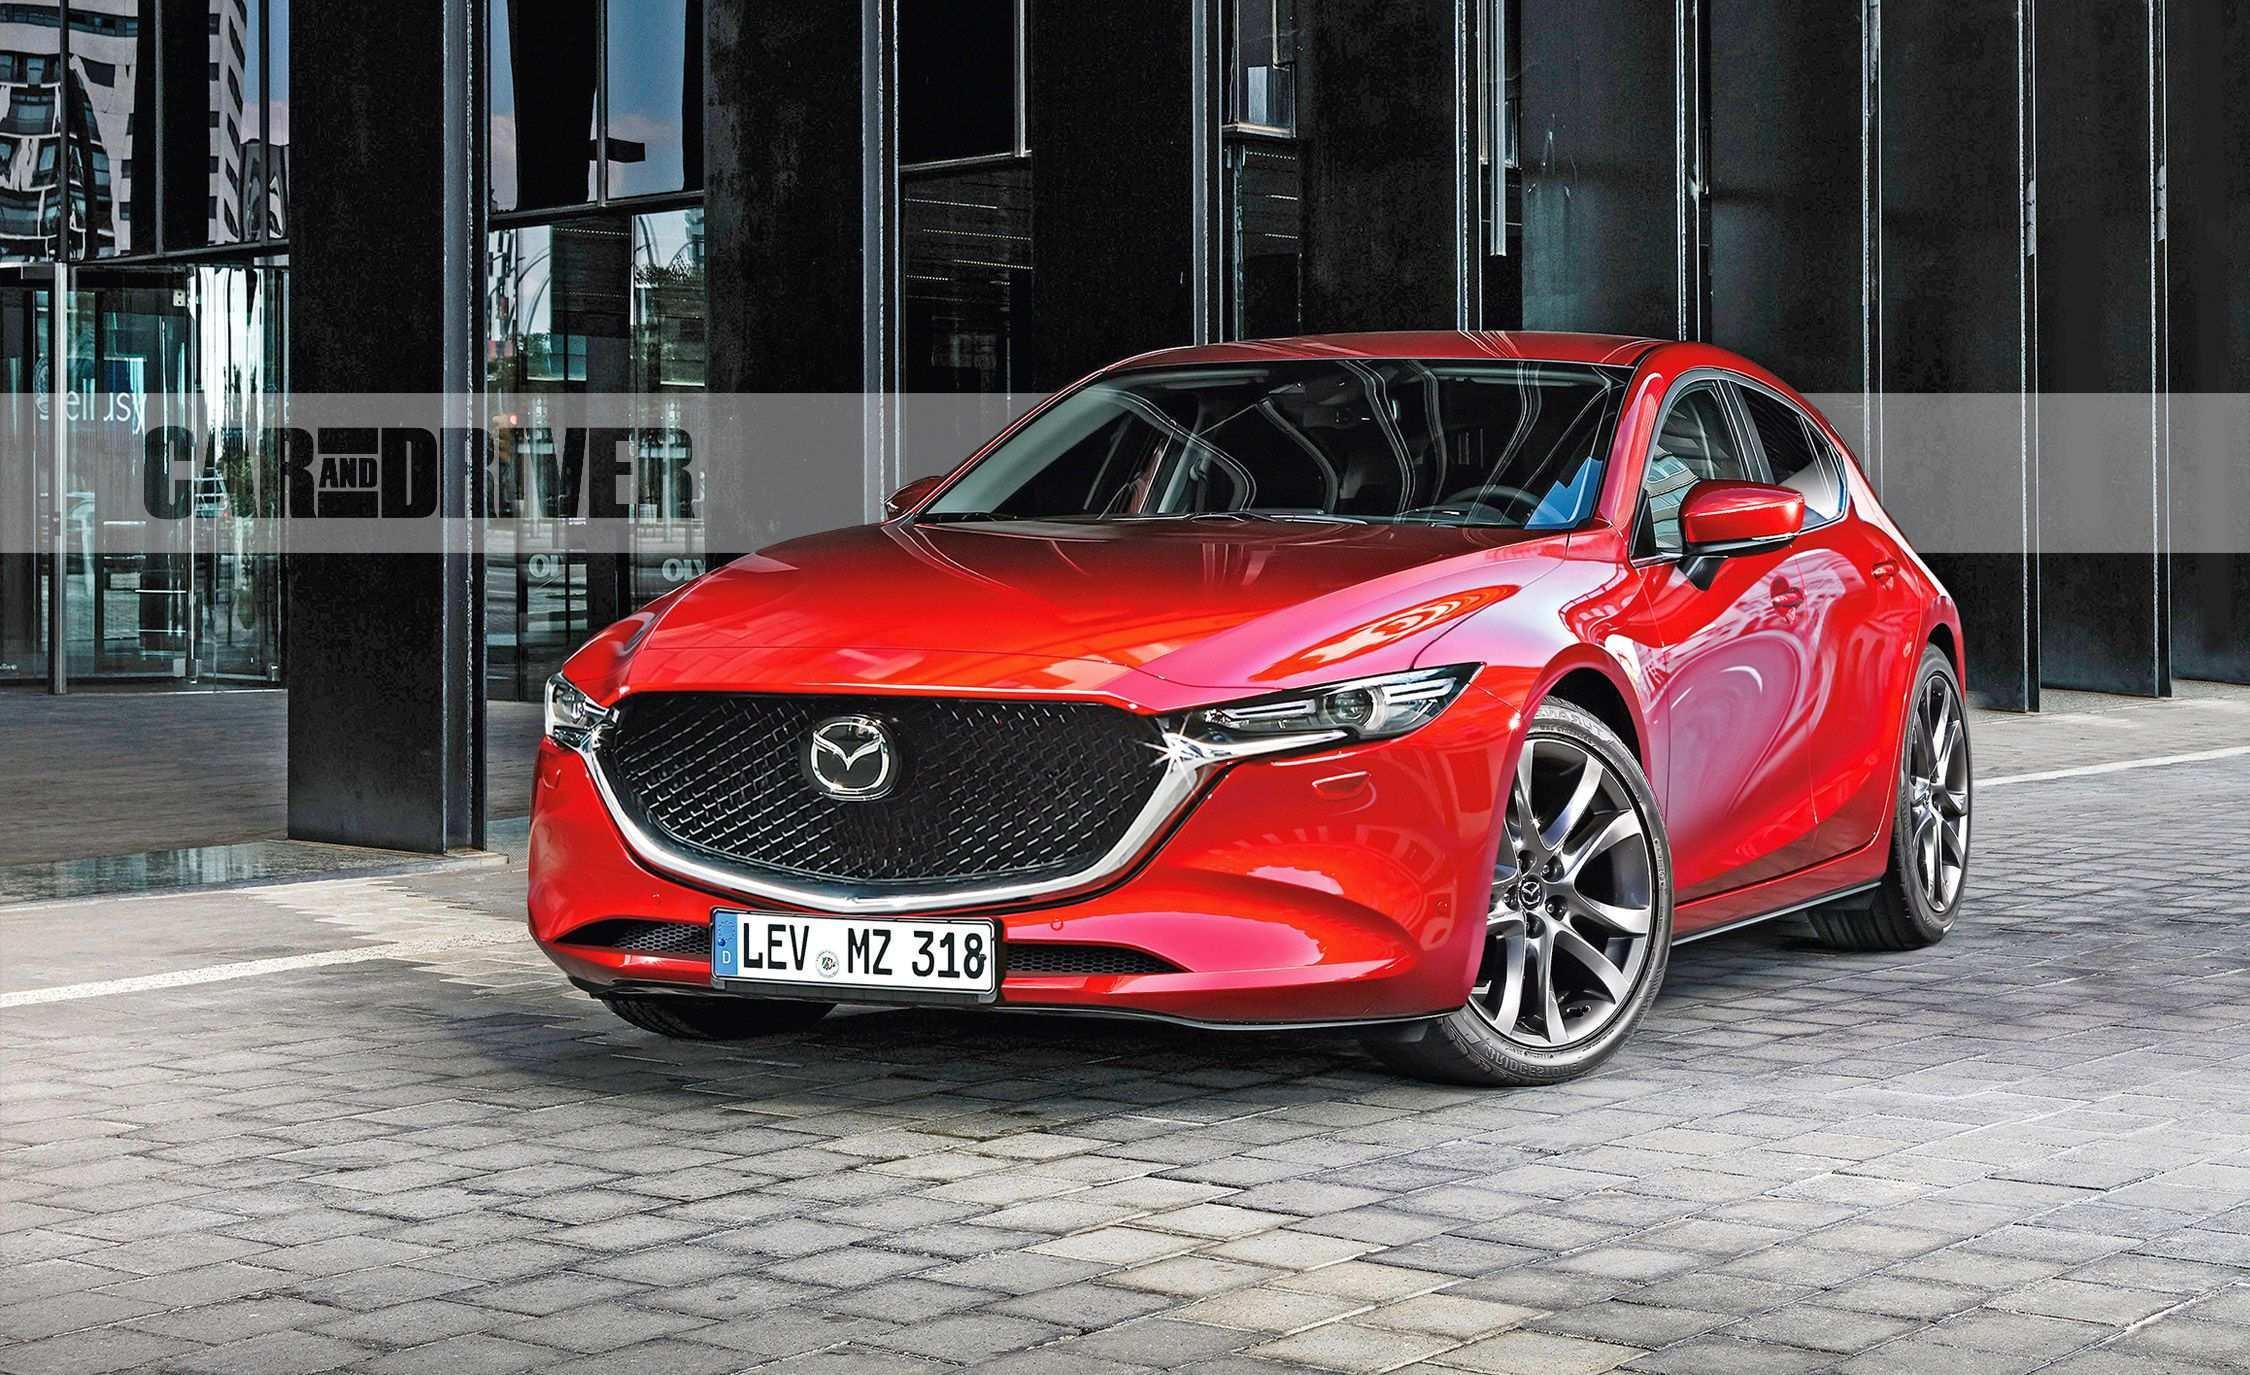 49 New Mazda E 2020 Speed Test by Mazda E 2020